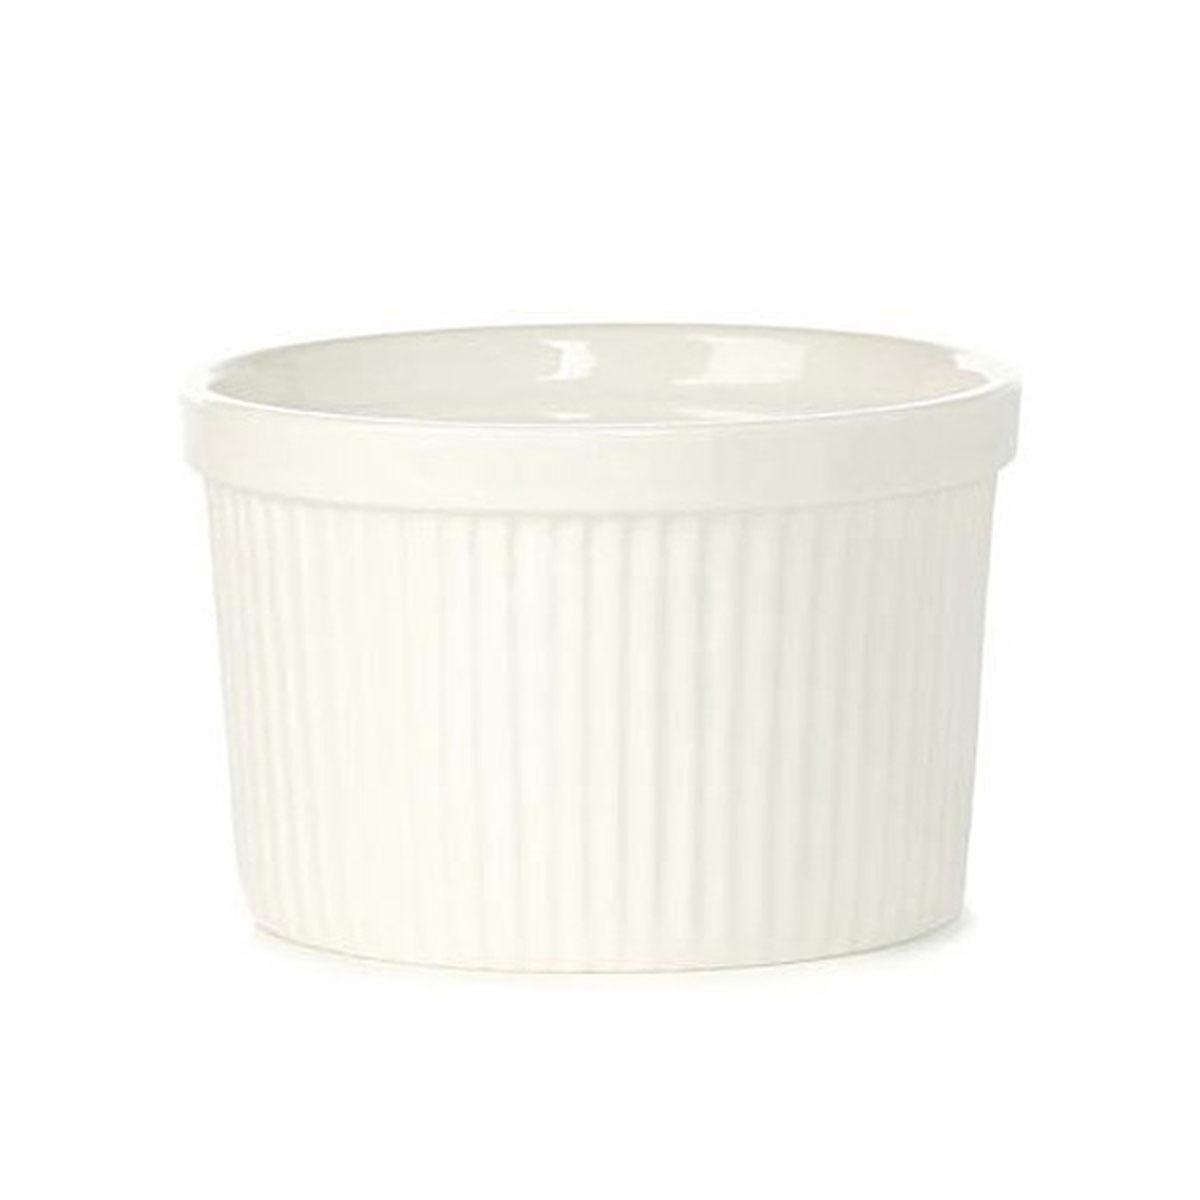 Порционная форма для выпечки BergHOFF Bianco, круглая, цвет: белый, диаметр 9 см94672Порционная форма для выпечки BergHOFF Bianco изготовлена из высококачественного фарфора с глазурованной поверхностью. Форму можно использовать для приготовления блюд, таких как крем-брюле, жульен, маффины и прочее. Изделие термоустойчиво, поверхность сохраняет свой цвет, а пища естественный аромат. Материал мягко проводит тепло для равномерного запекания.Подходит для мытья в посудомоечной машине.Диаметр формы: 9 см.Высота формы: 4,5 см.